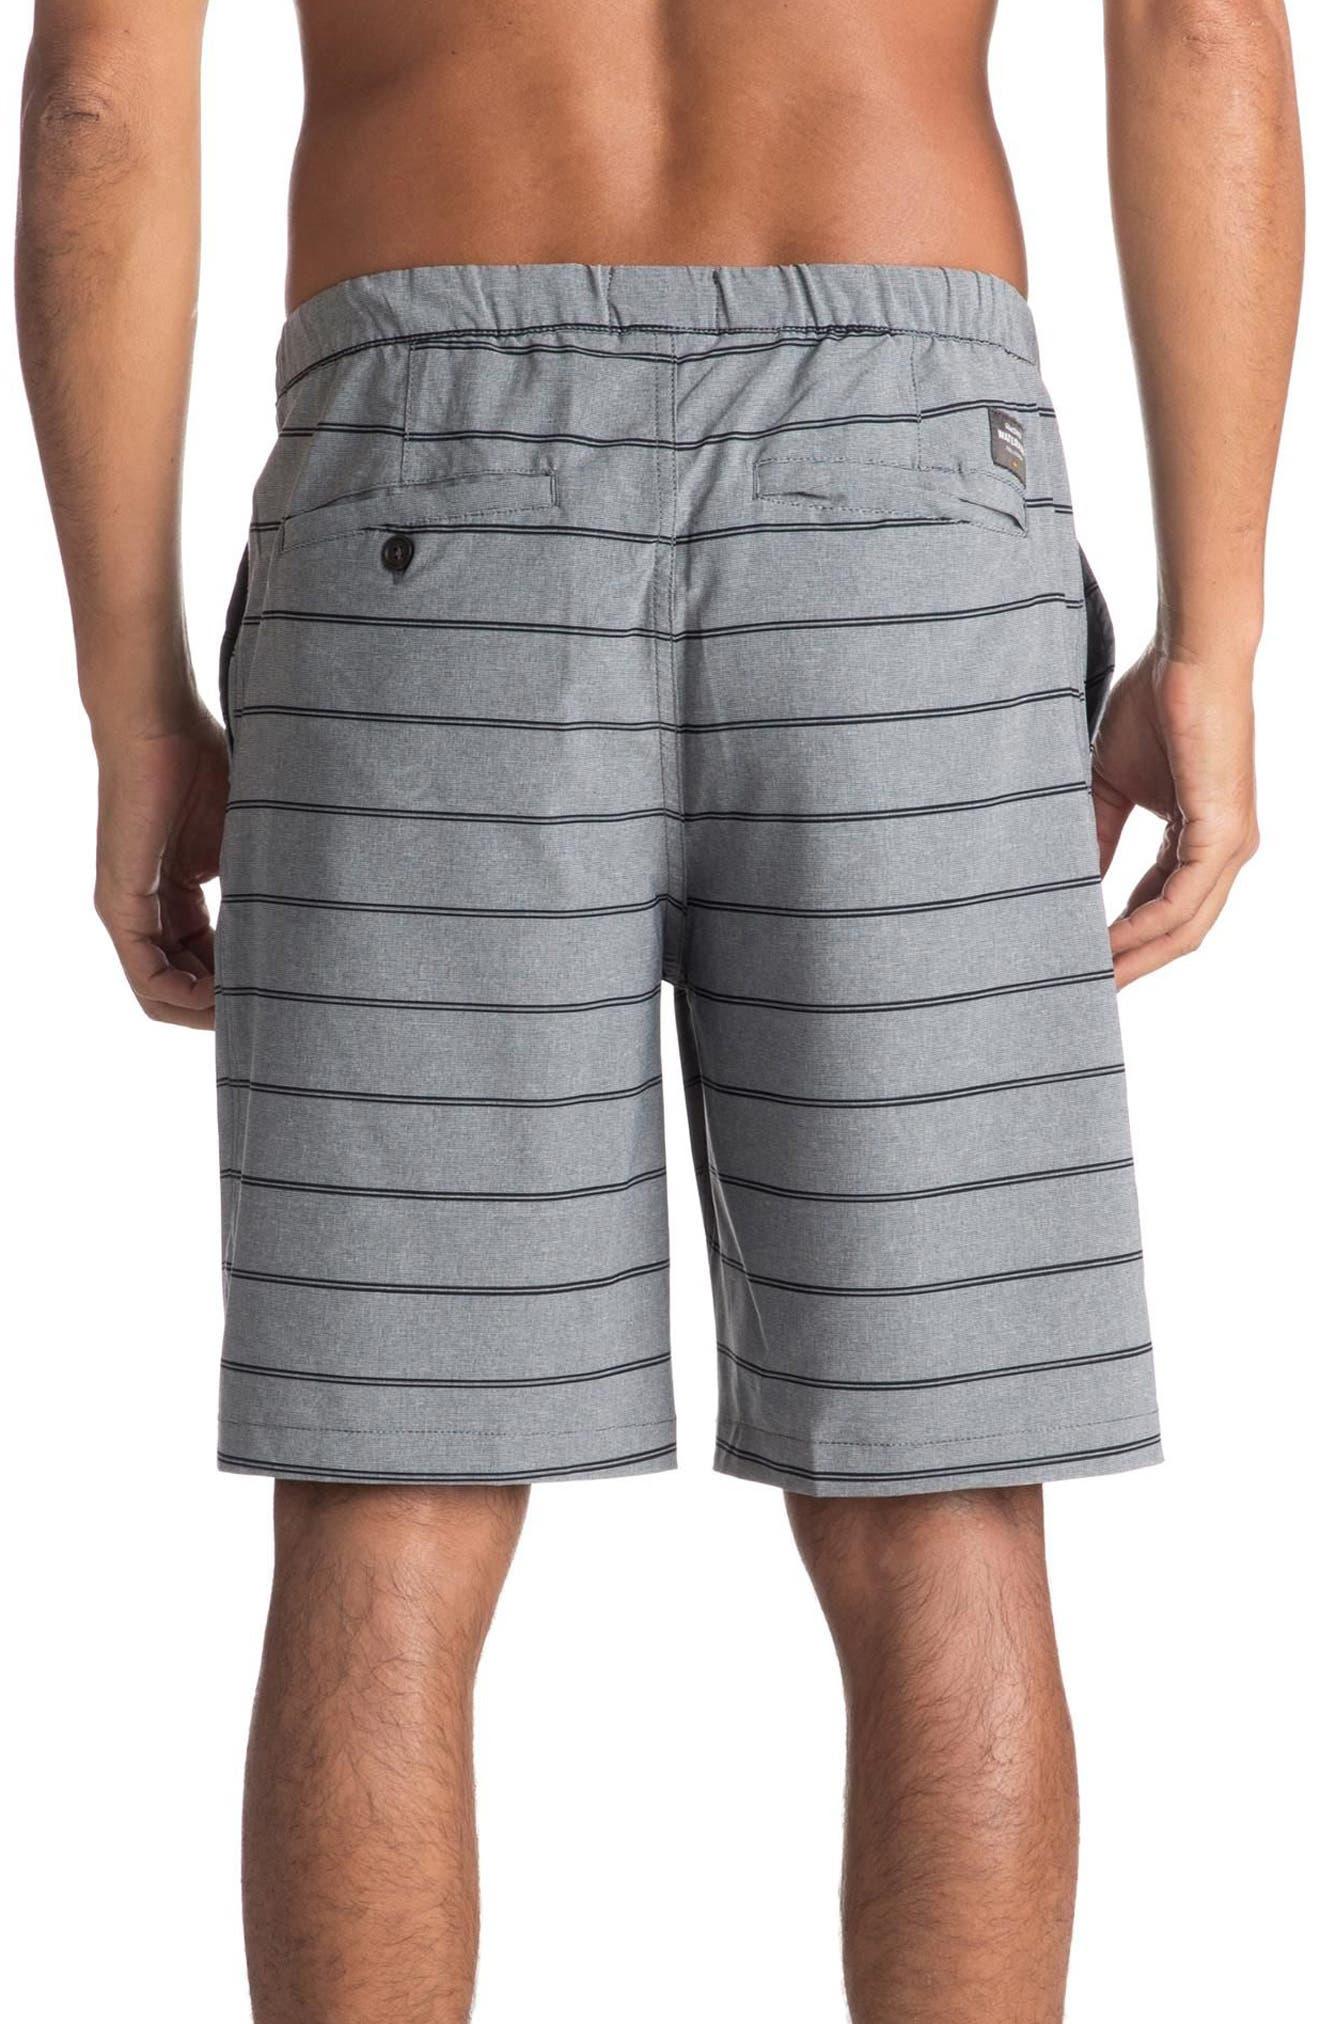 Suva Amphibian Shorts,                             Alternate thumbnail 2, color,                             Black